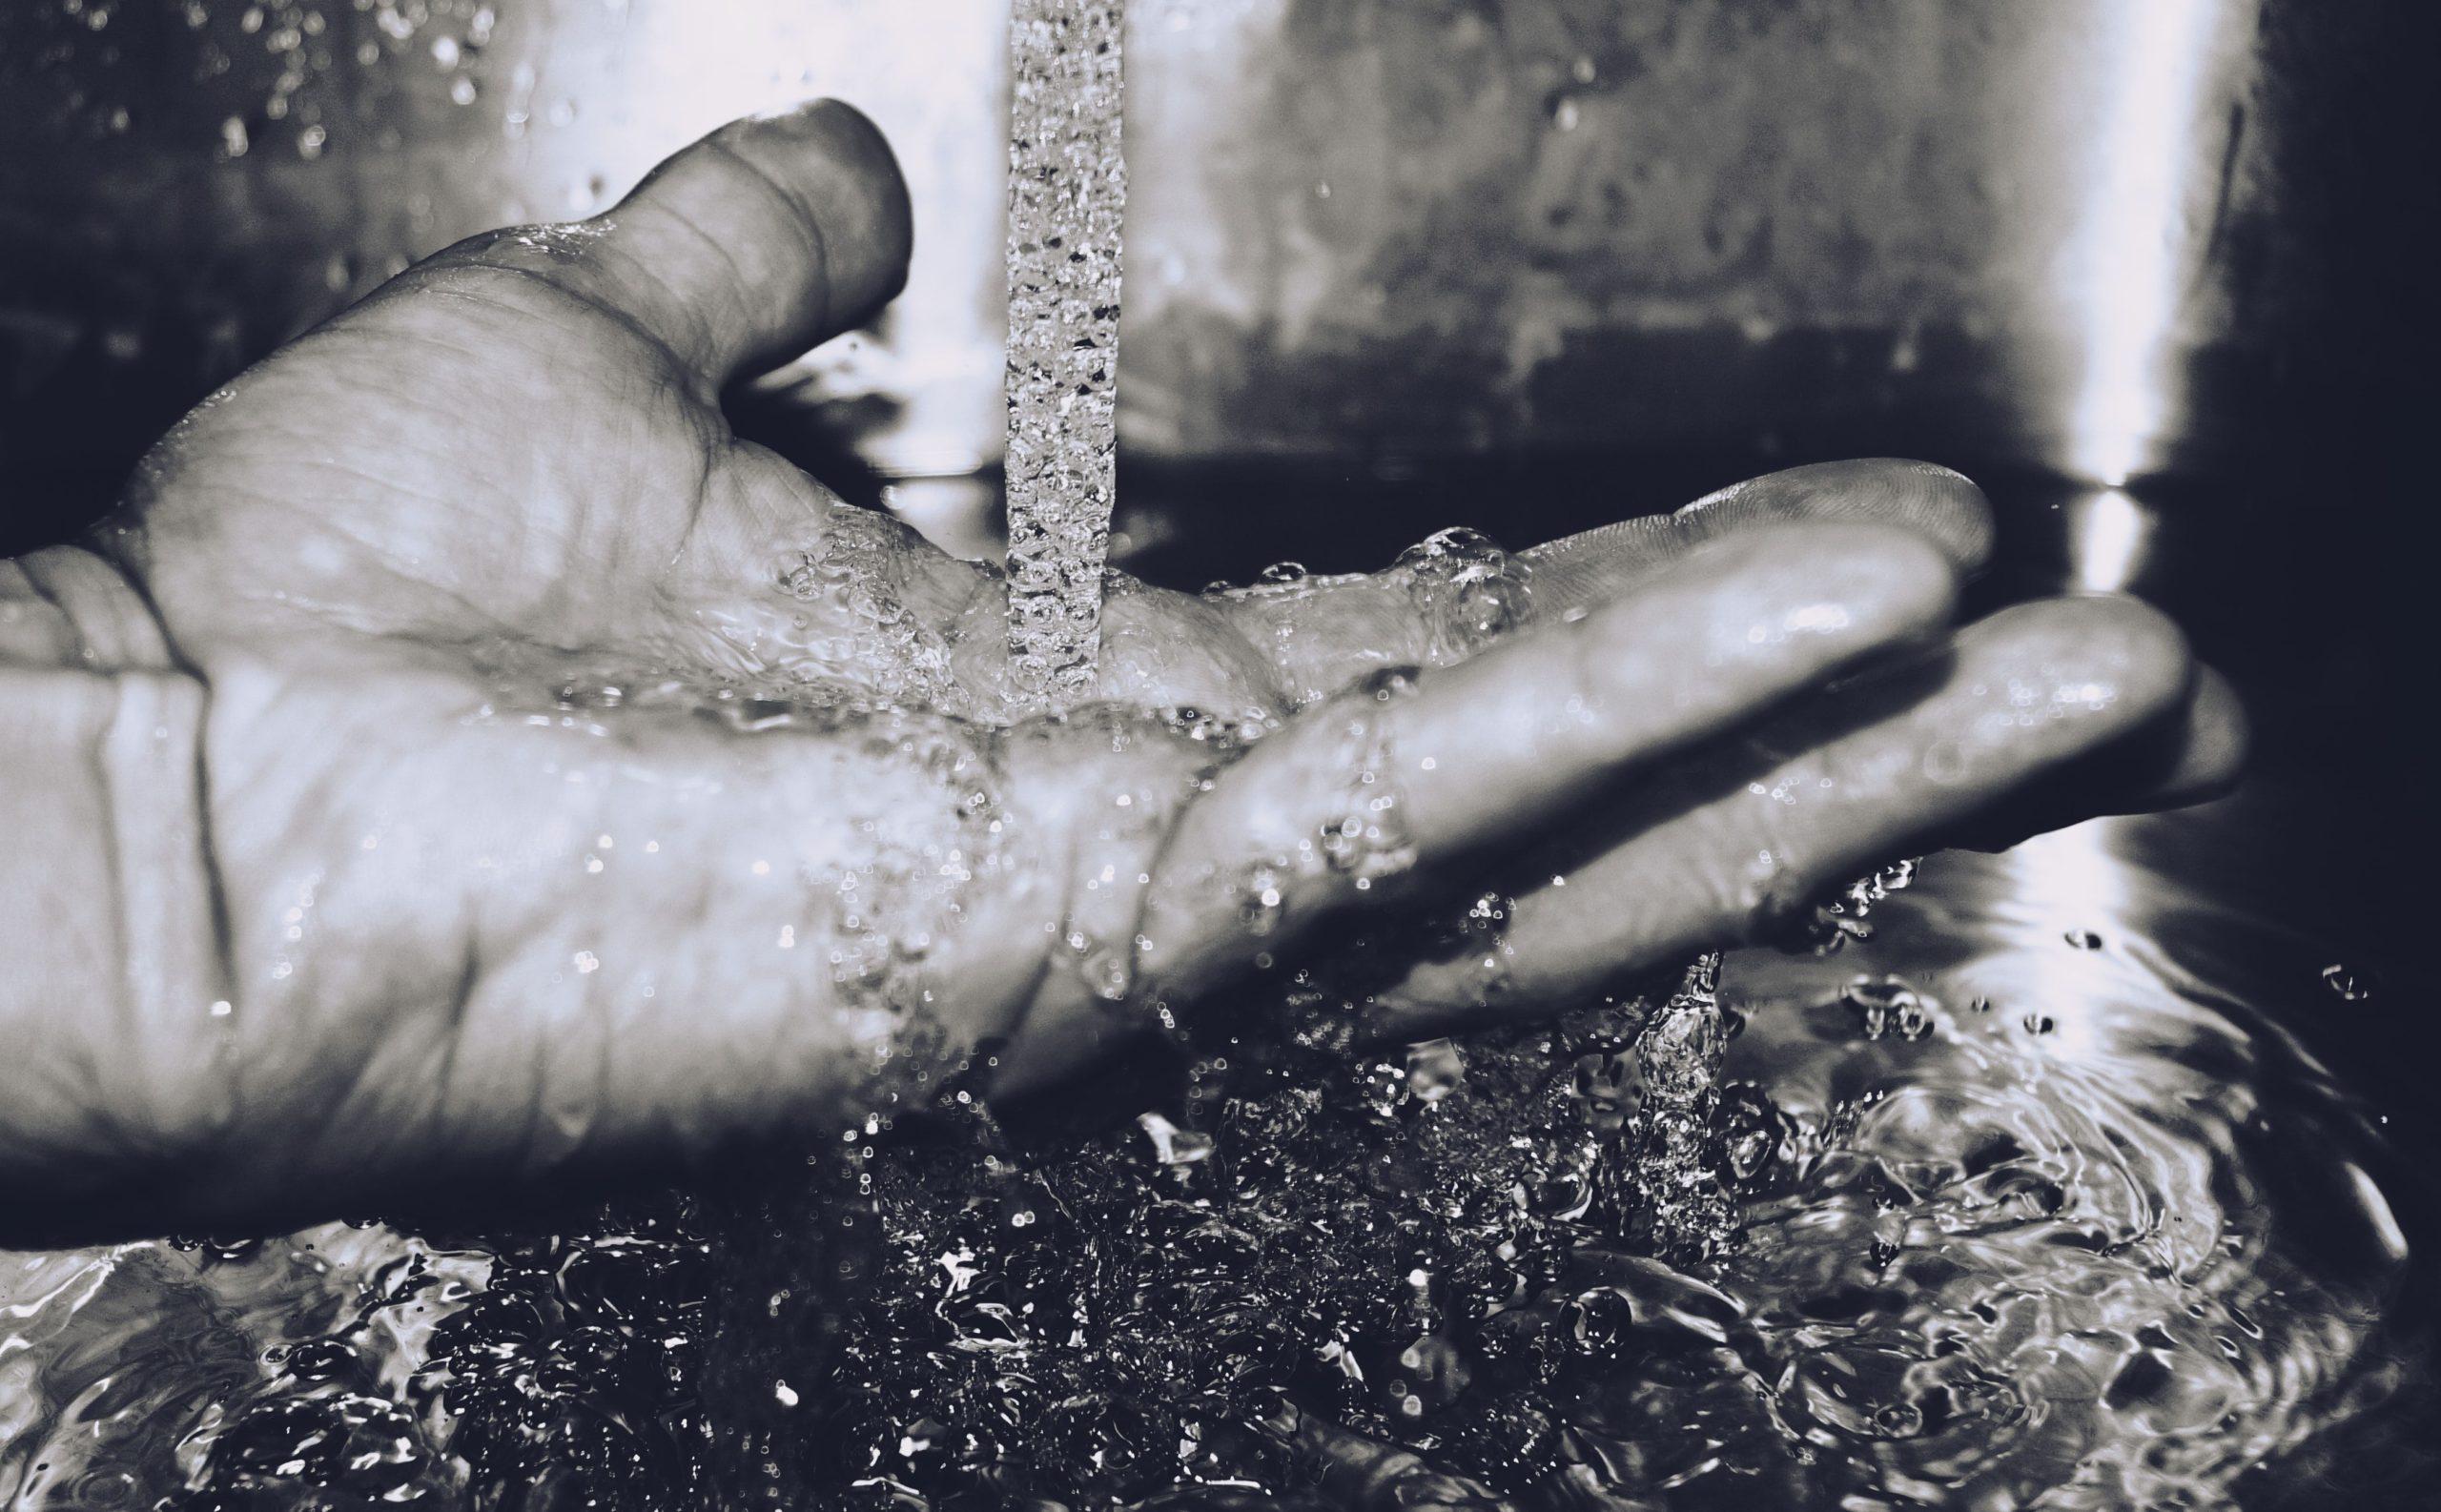 La mémoire de l'eau et le traitement des allergies et intolérances